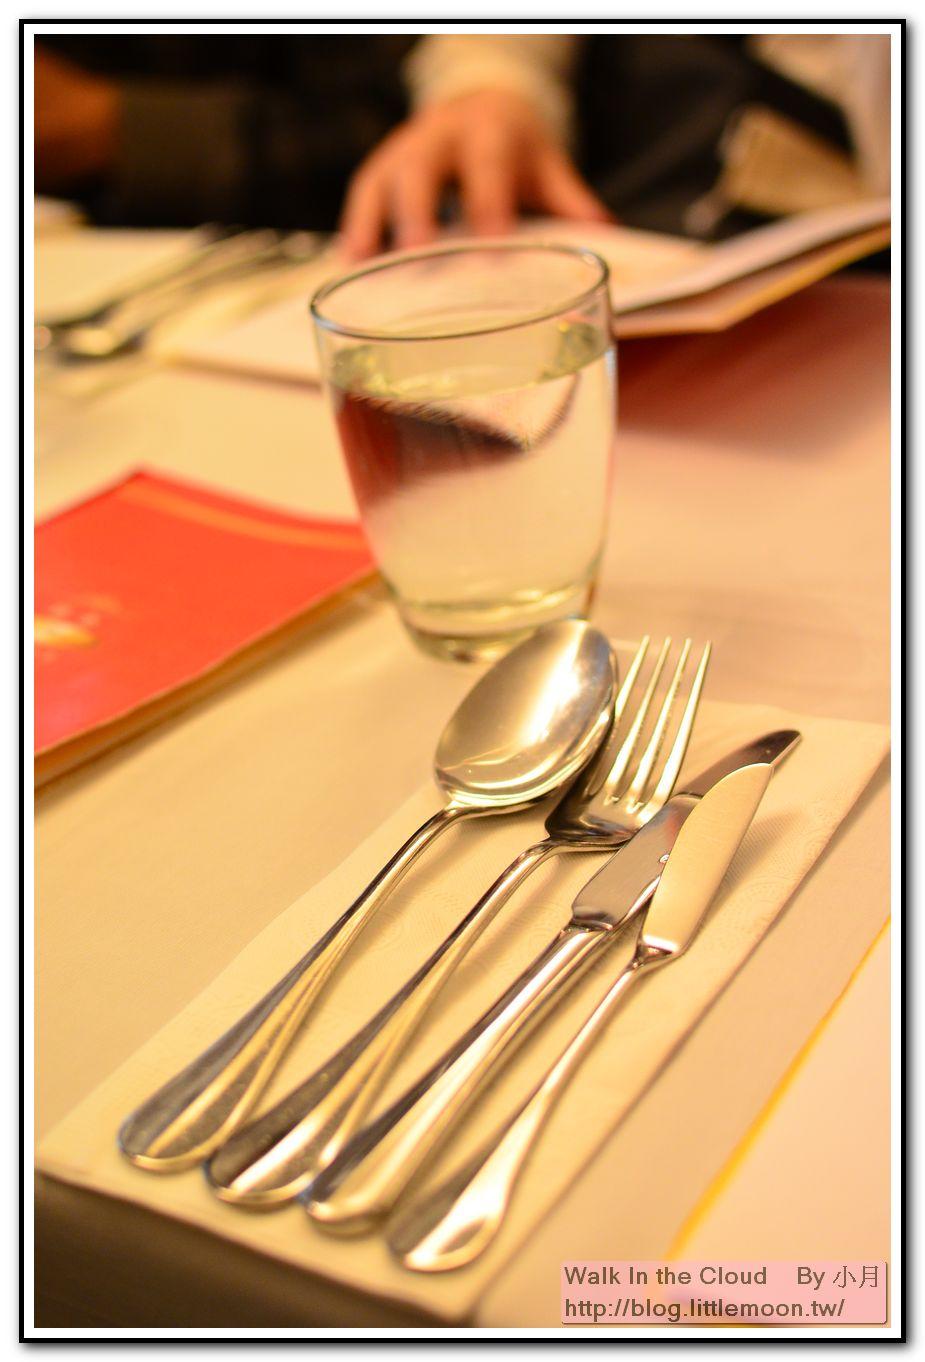 餐具與水杯